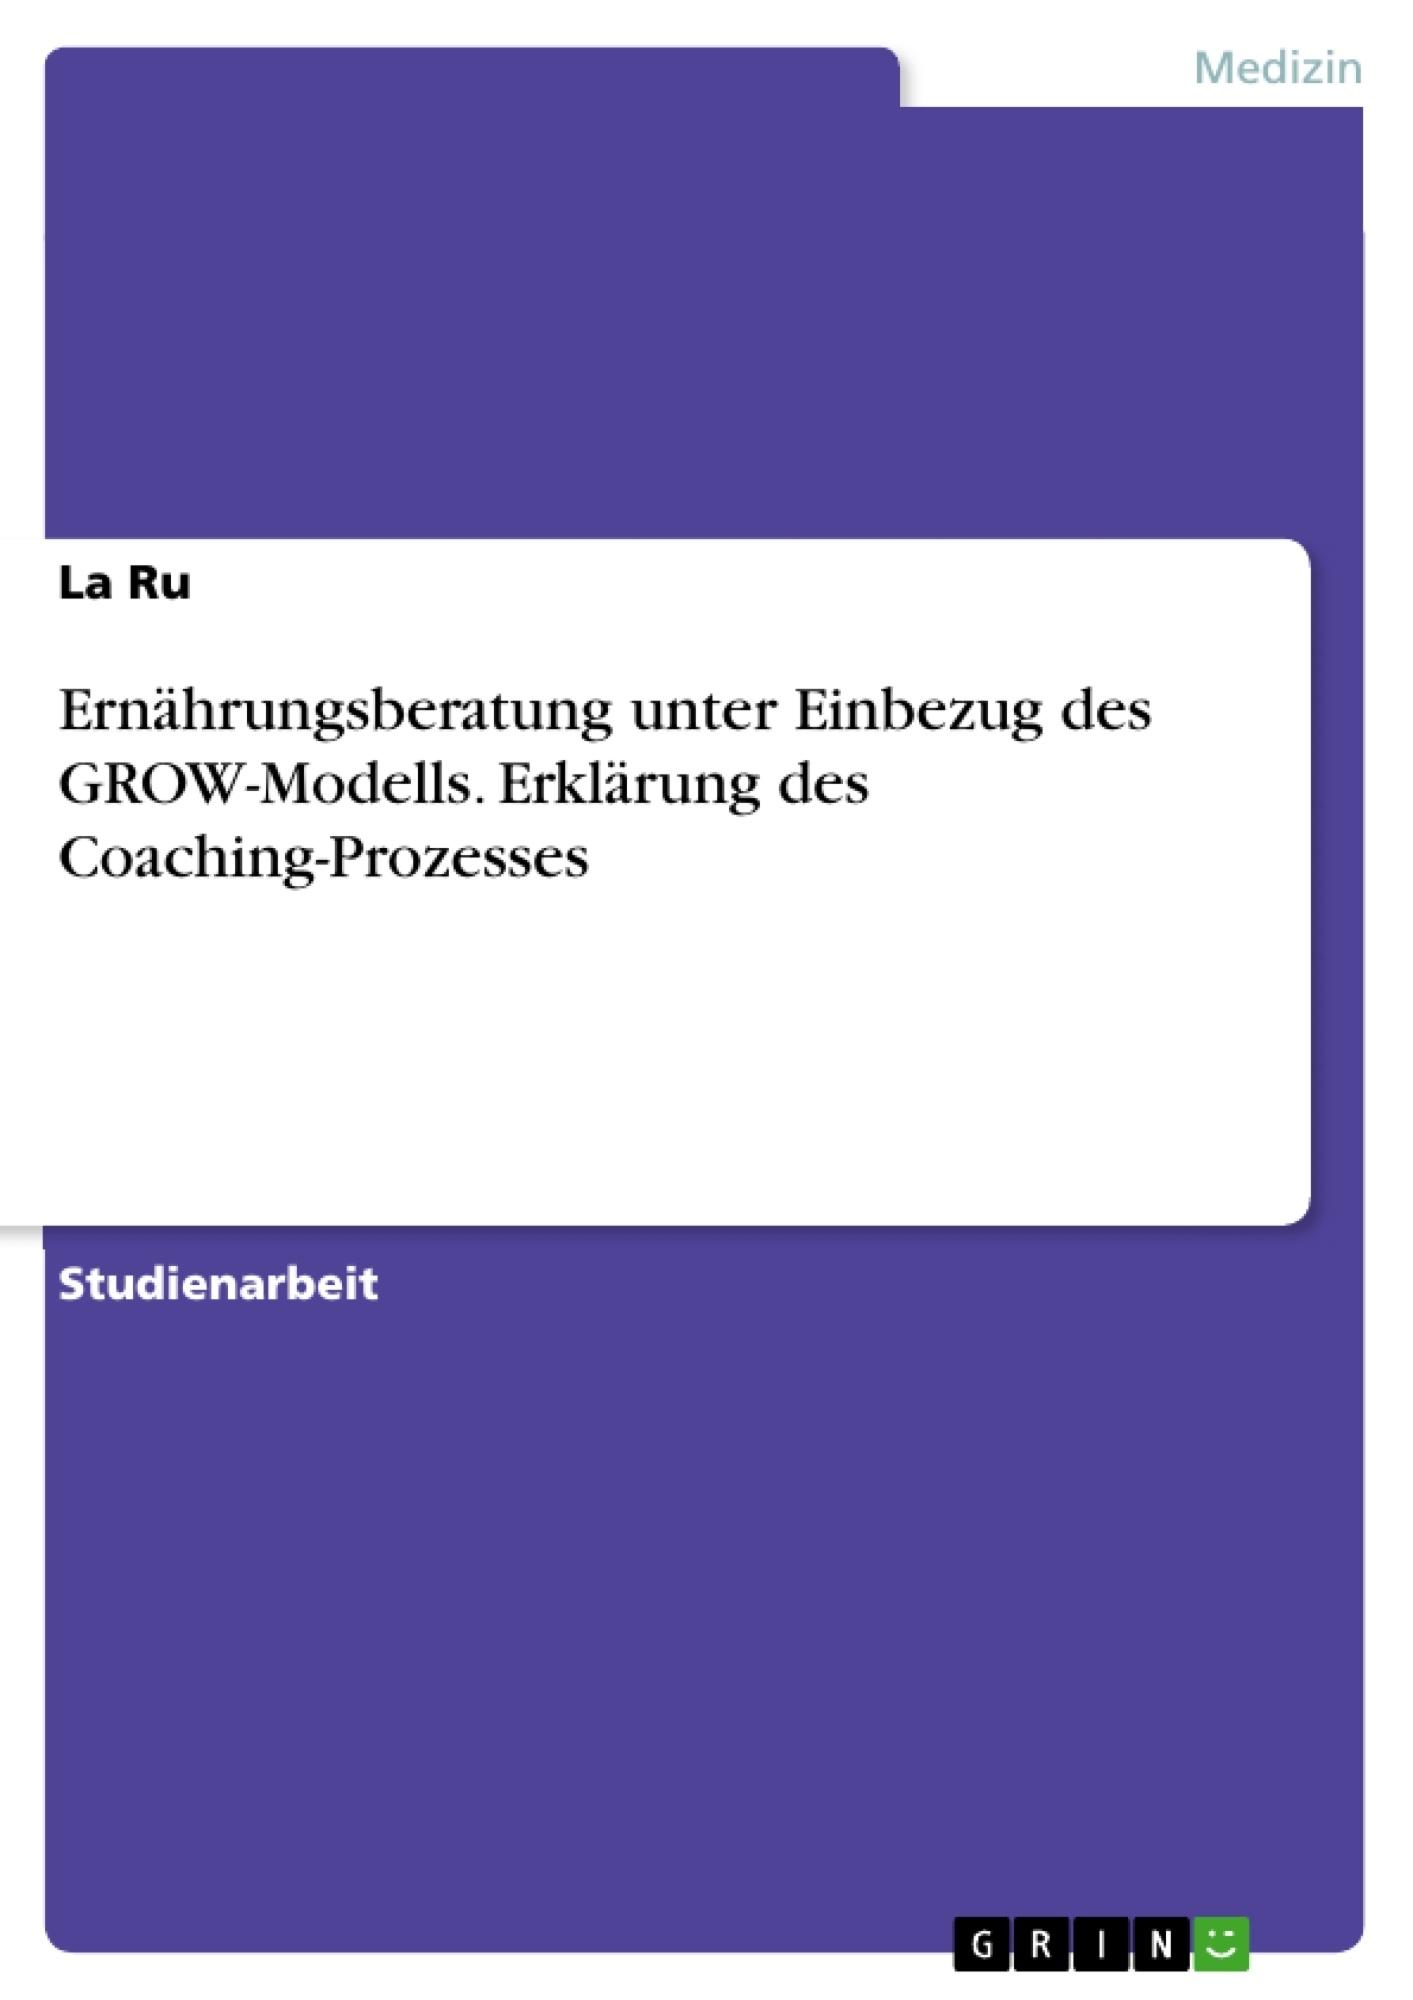 Titel: Ernährungsberatung unter Einbezug des GROW-Modells. Erklärung des Coaching-Prozesses